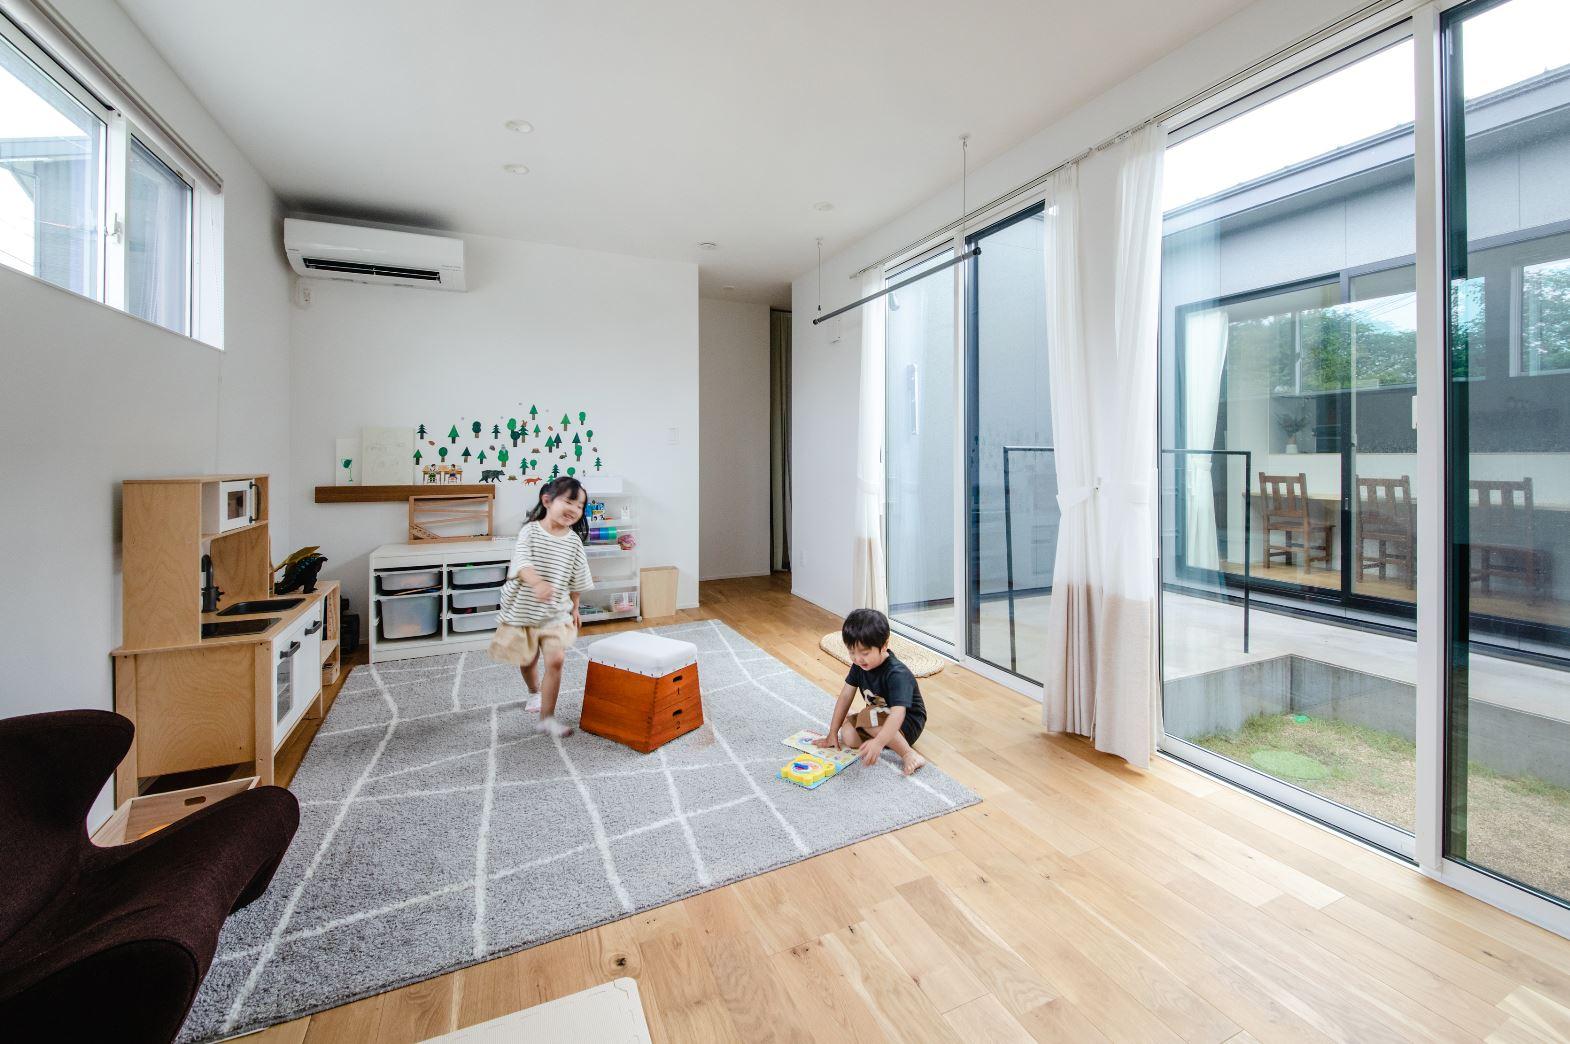 S.CONNECT(エスコネクト)【デザイン住宅、間取り、平屋】LDKから中庭を挟んでちょうど正面が子ども部屋。そのおかげで、キッチンやリビングにいるときも、子ども部屋で遊ぶ子どもたちを見守れるので安心